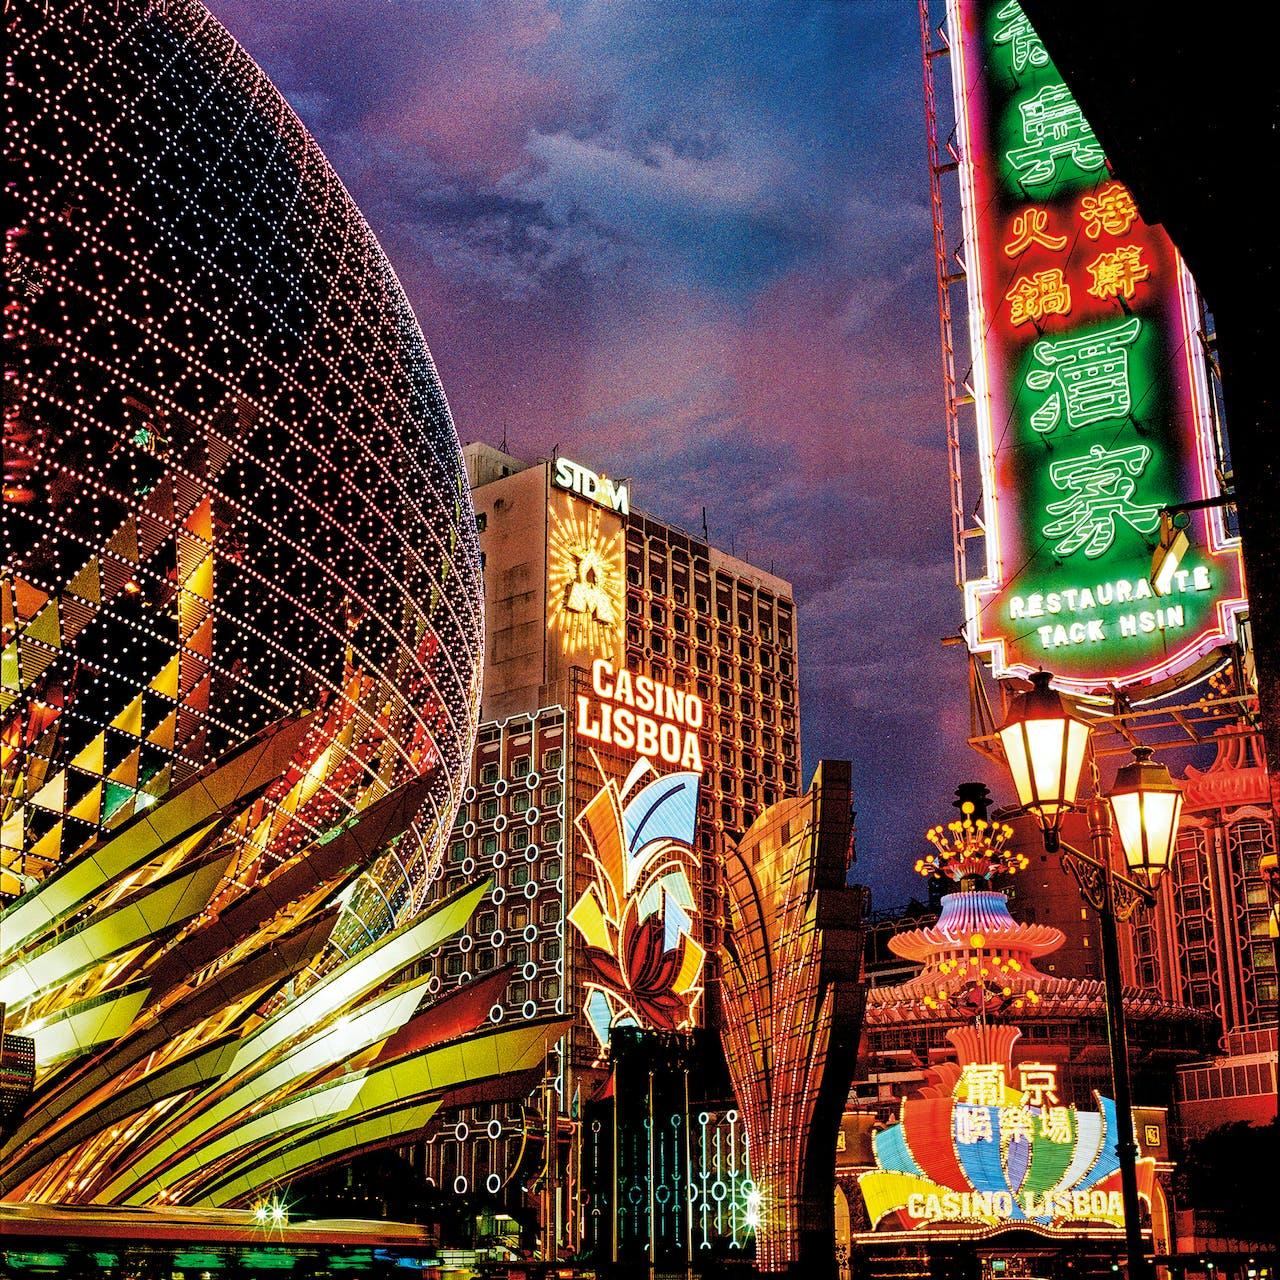 Naar het casino in Macau.